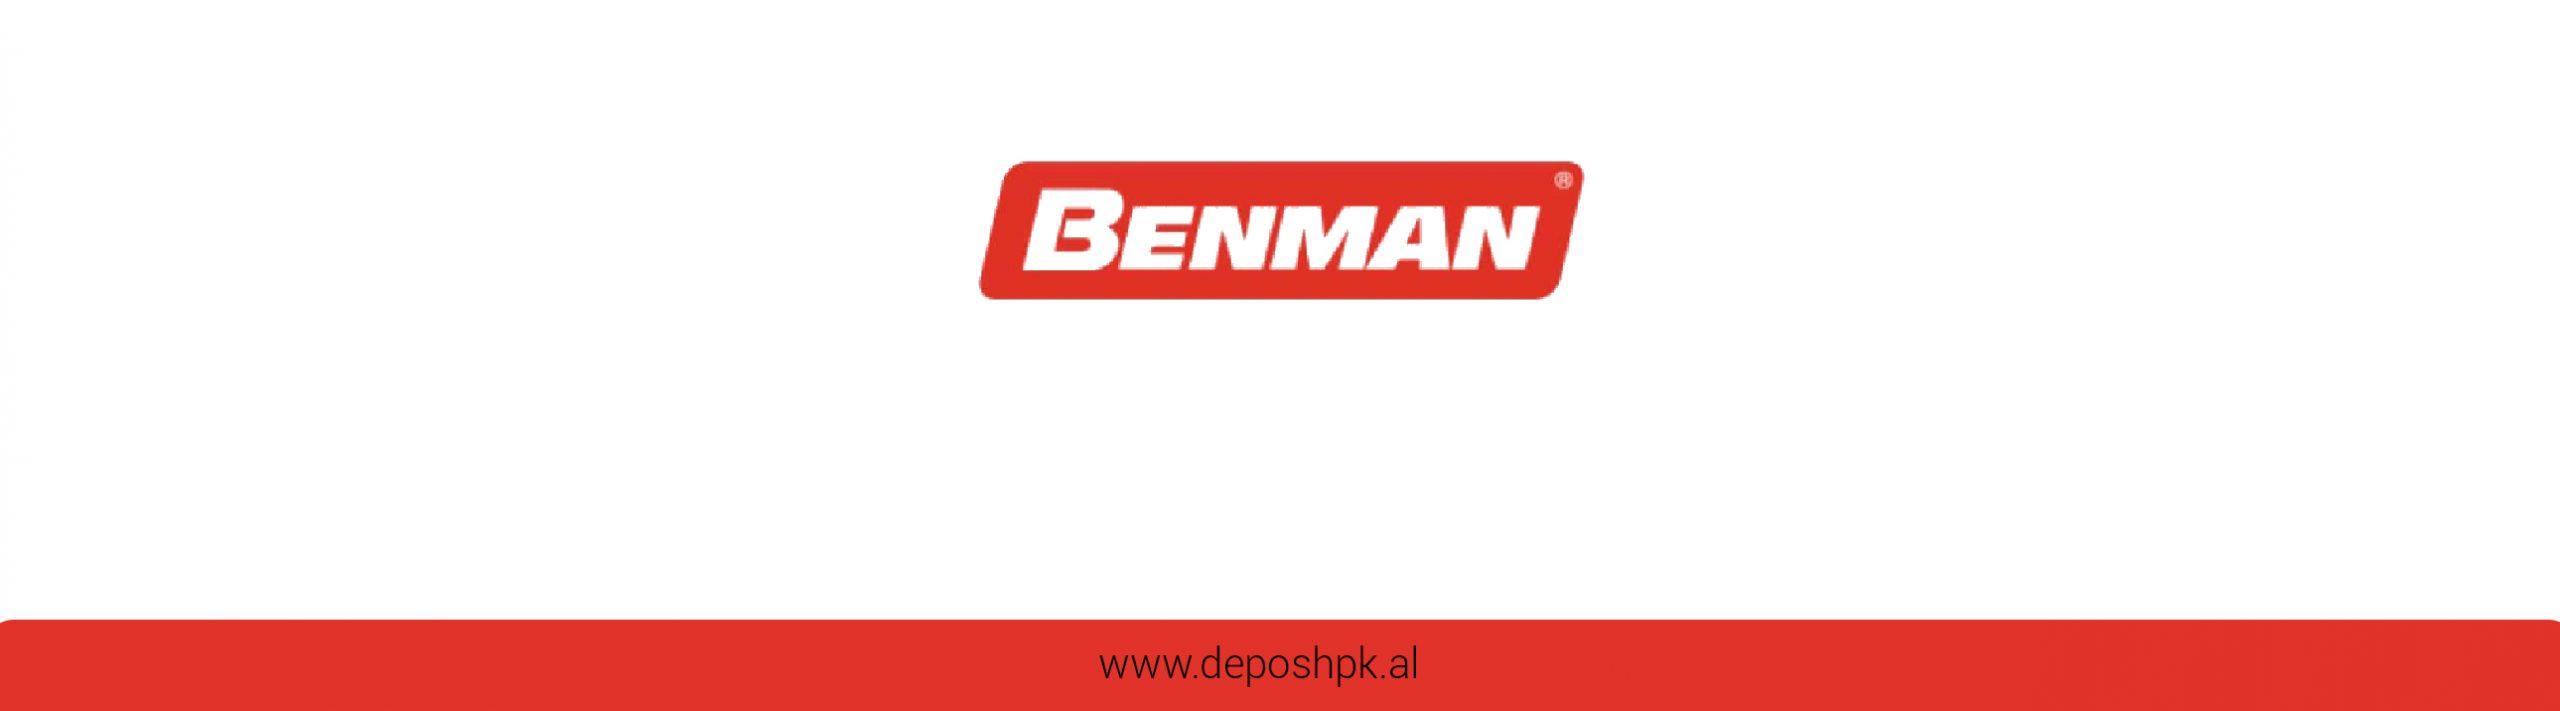 https://www.deposhpk.al/wp-content/uploads/2019/12/benaman-produkt-deposhpk.al_-scaled.jpg